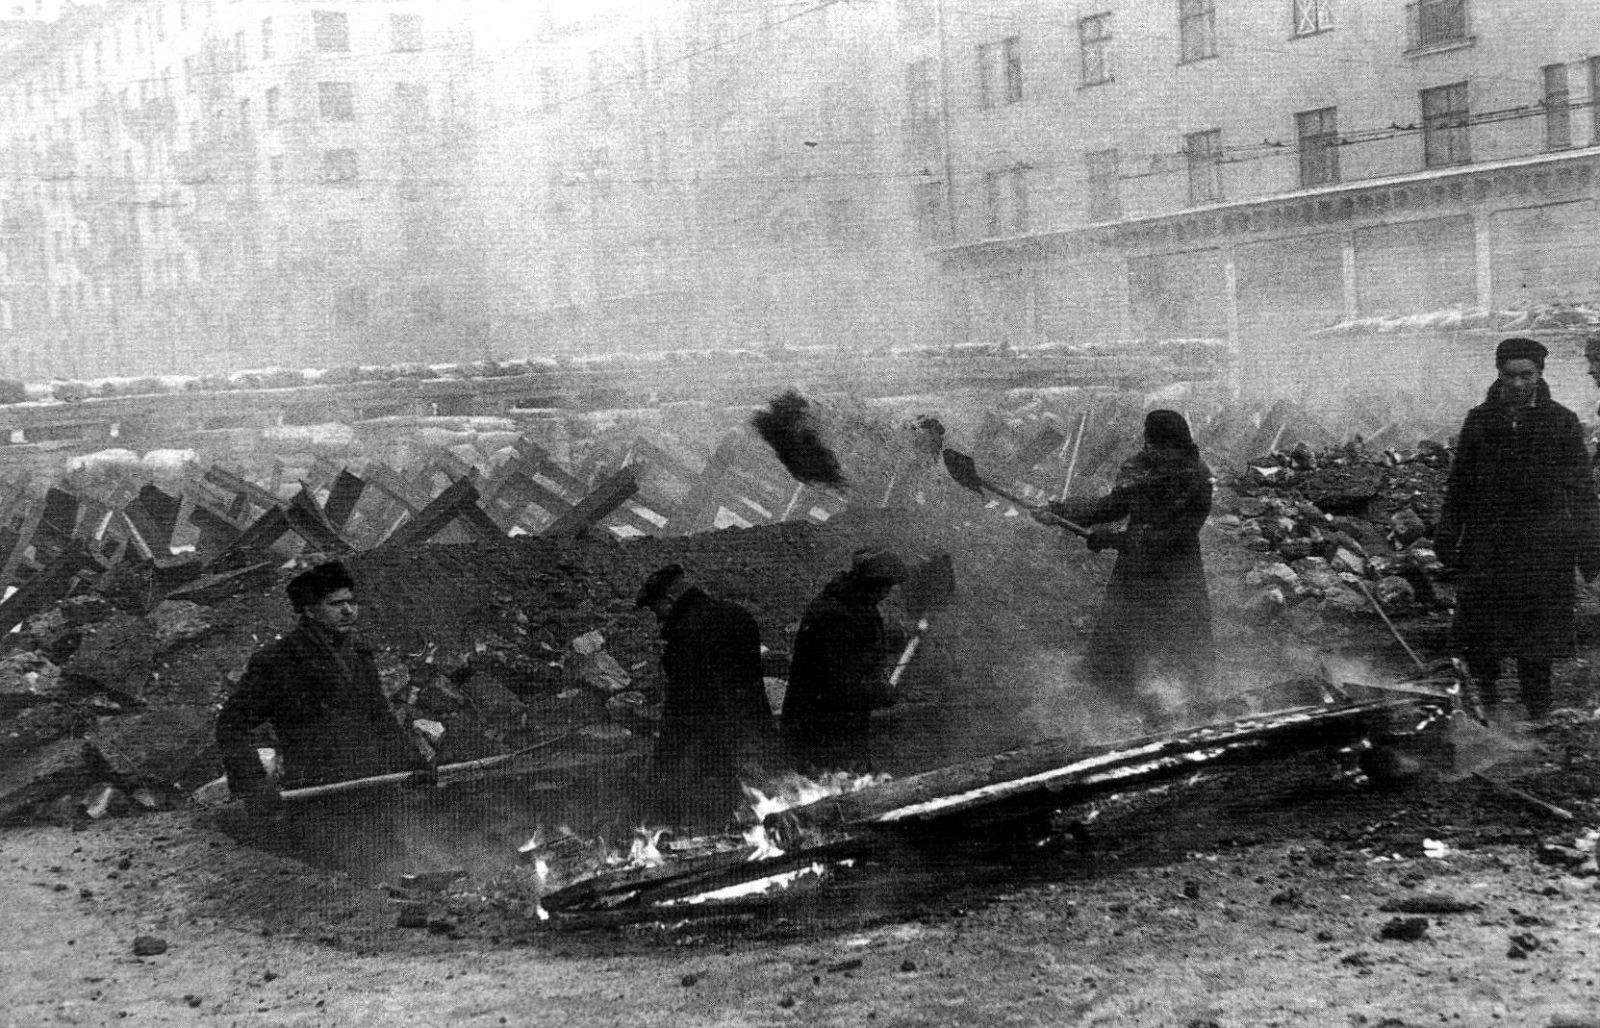 moskva-1941-vostochnij-front-vtoraya-mirovaya-vojna-66707177457.jpg